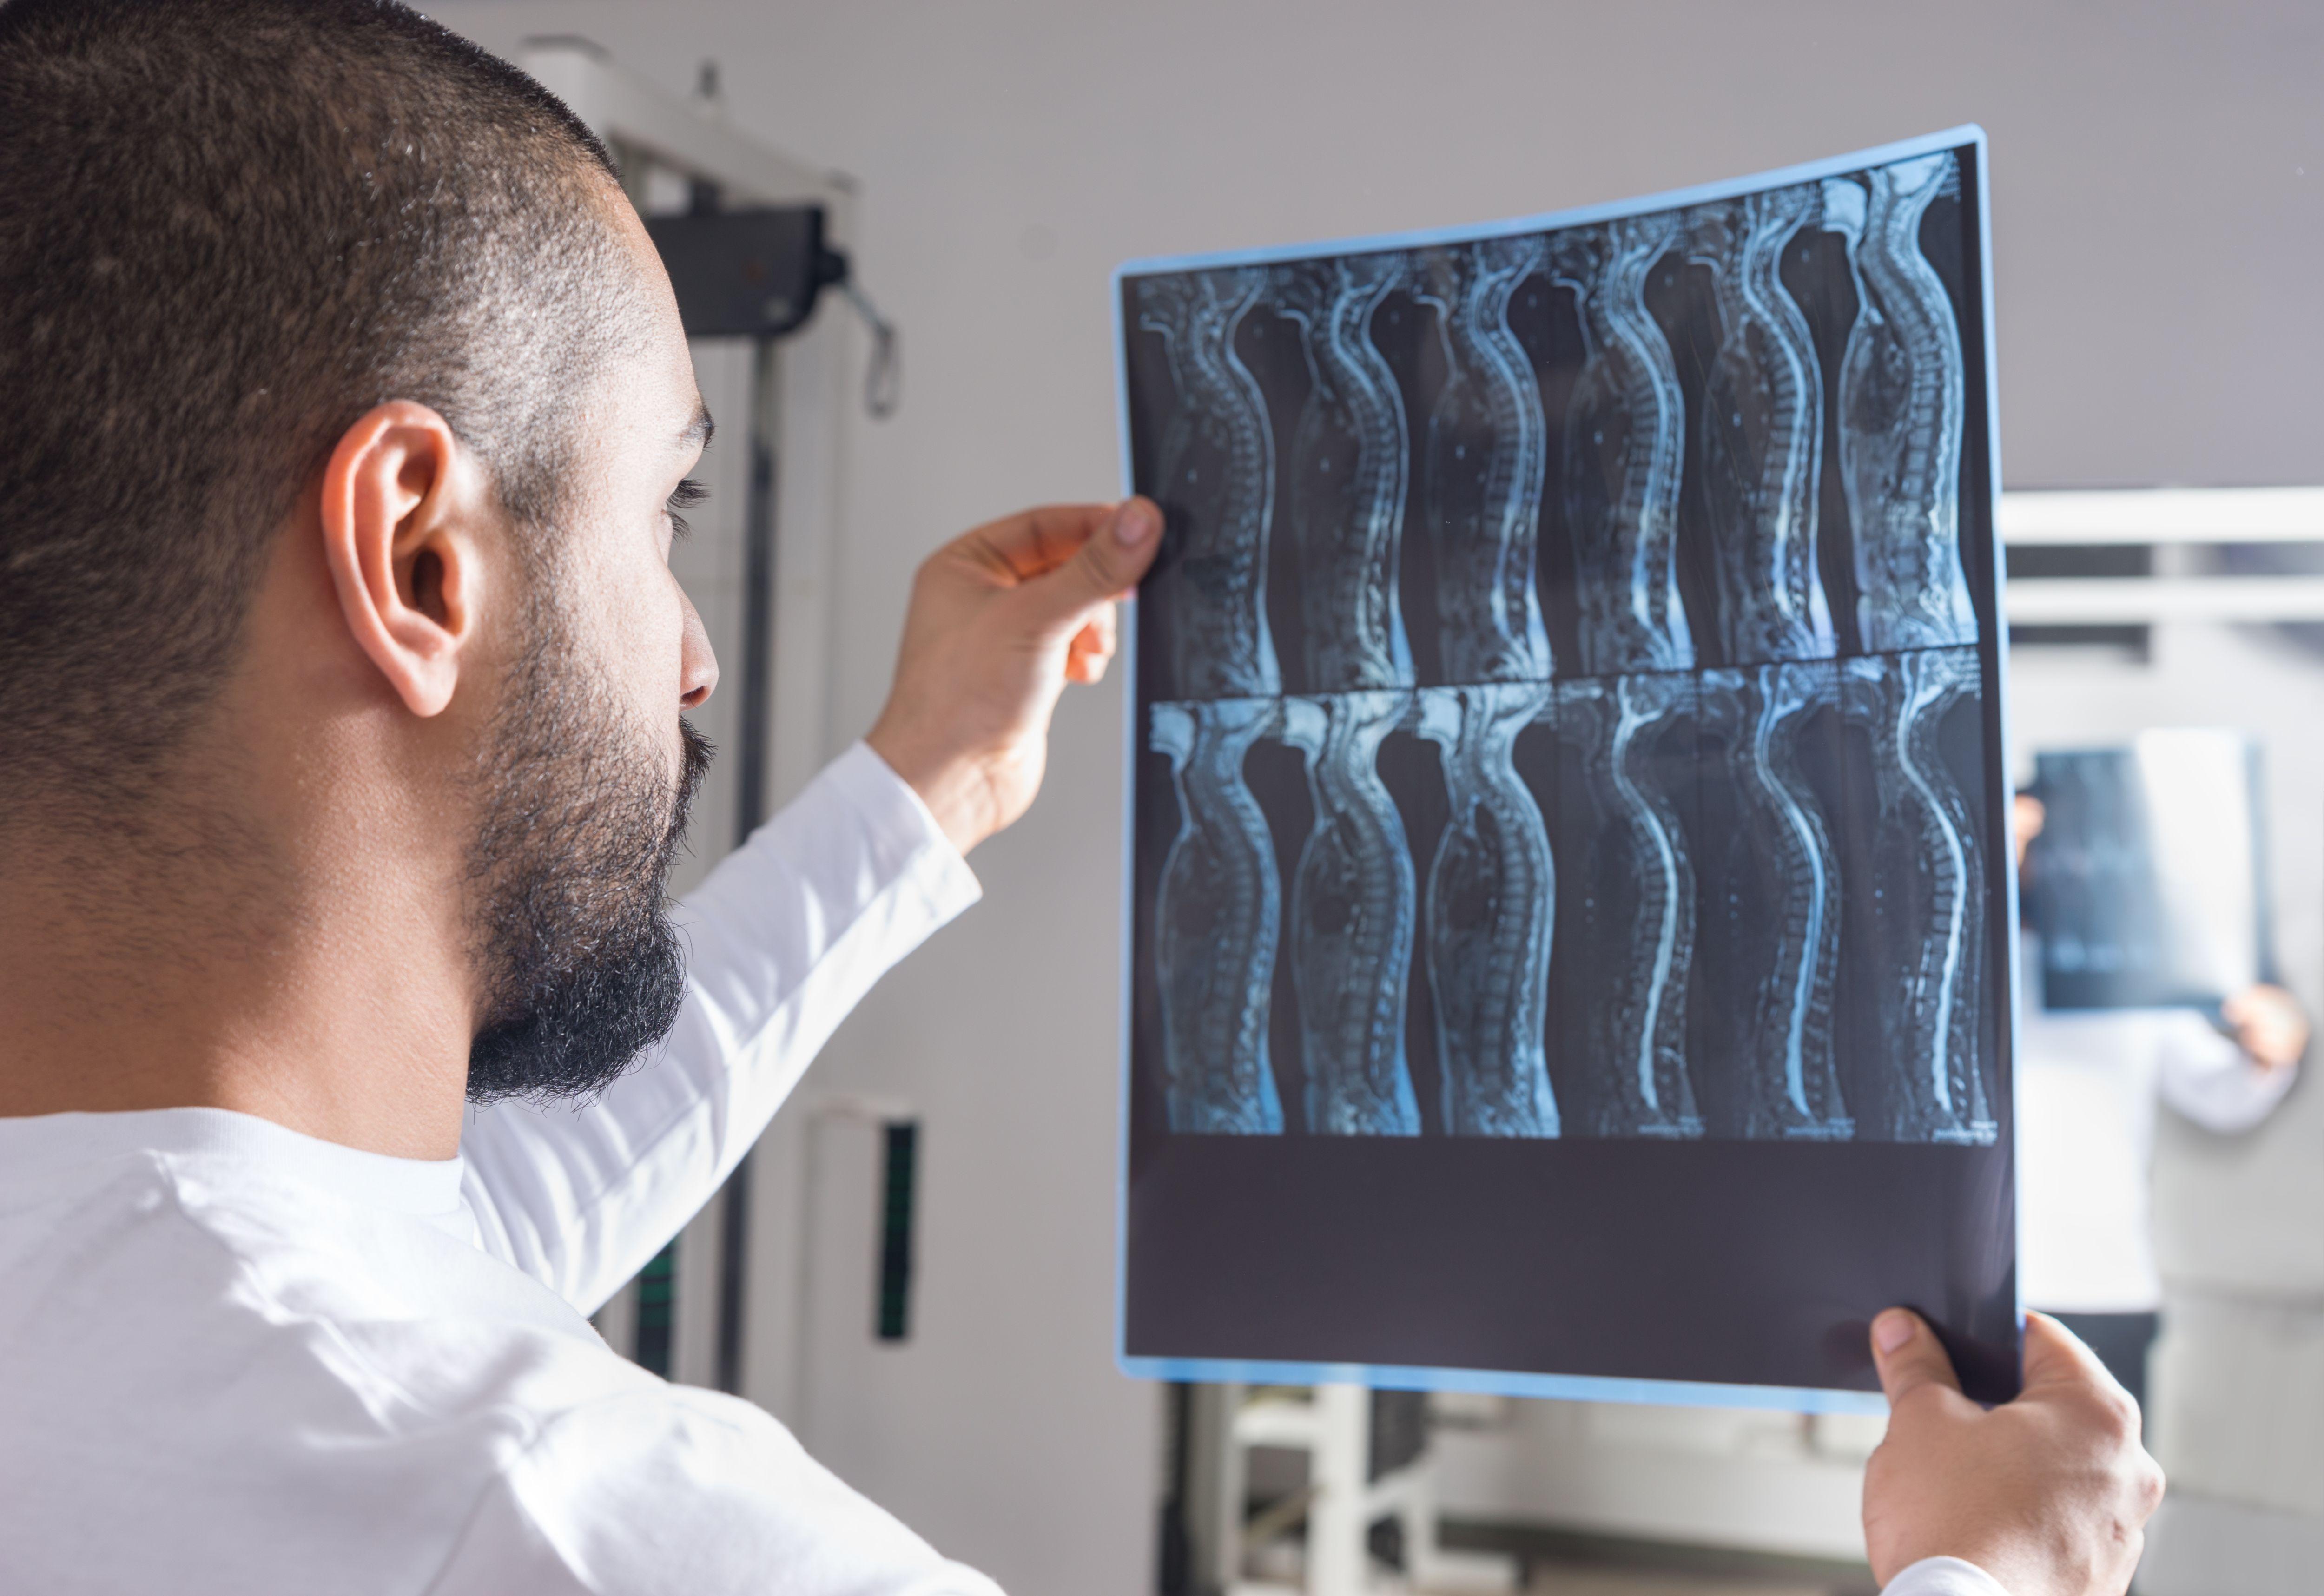 médecin analysant les résultats de radiographies du dos